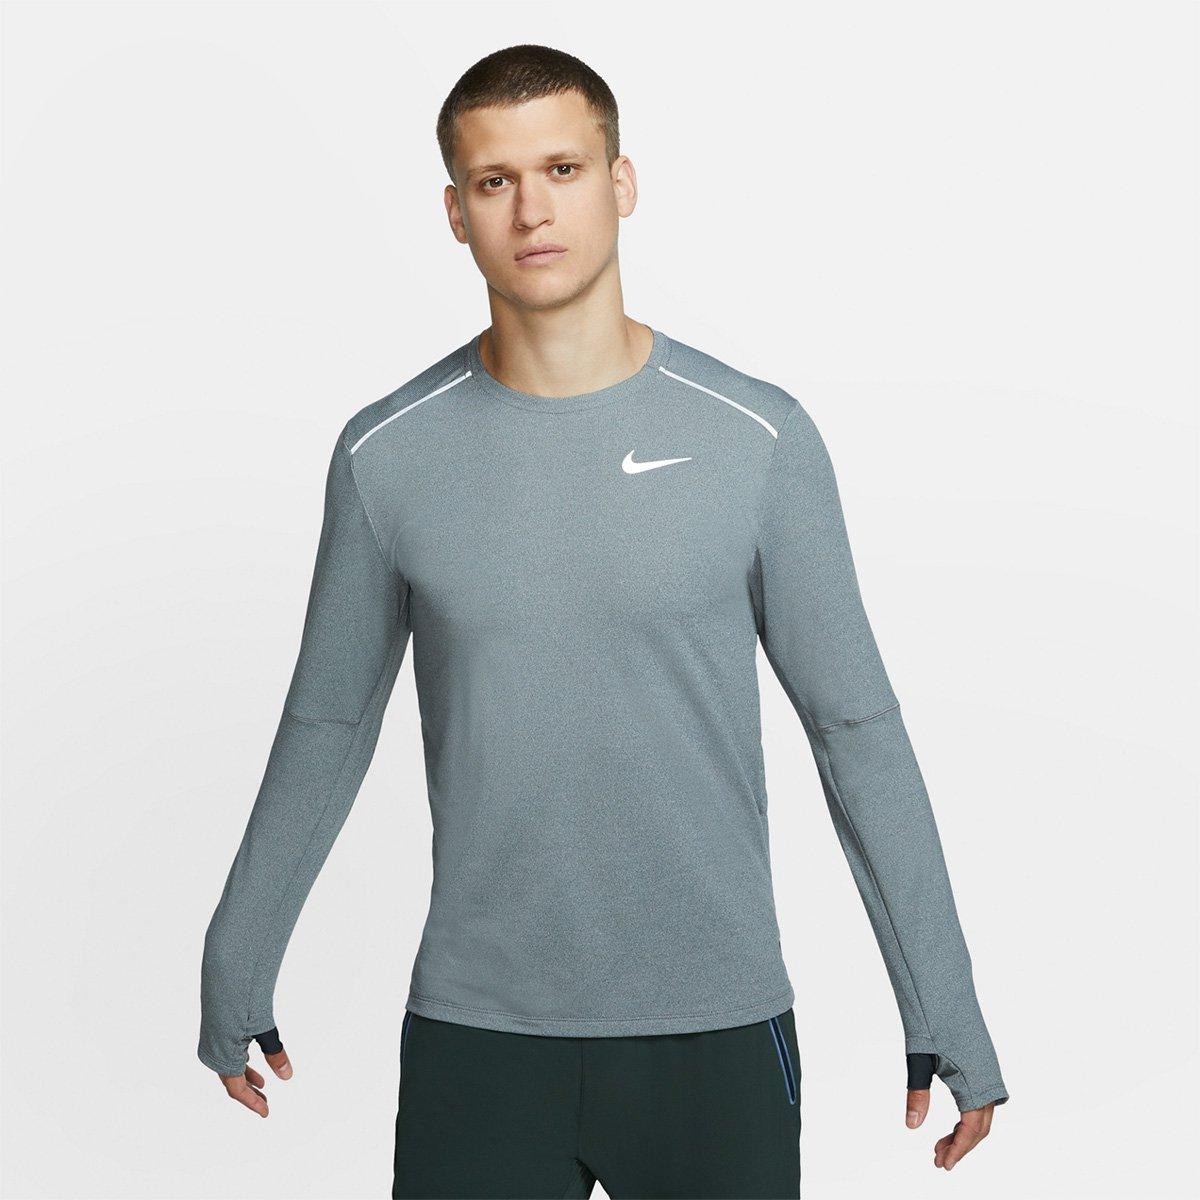 Camiseta Manga Longa Nike Element Crew 3.0 Masculina